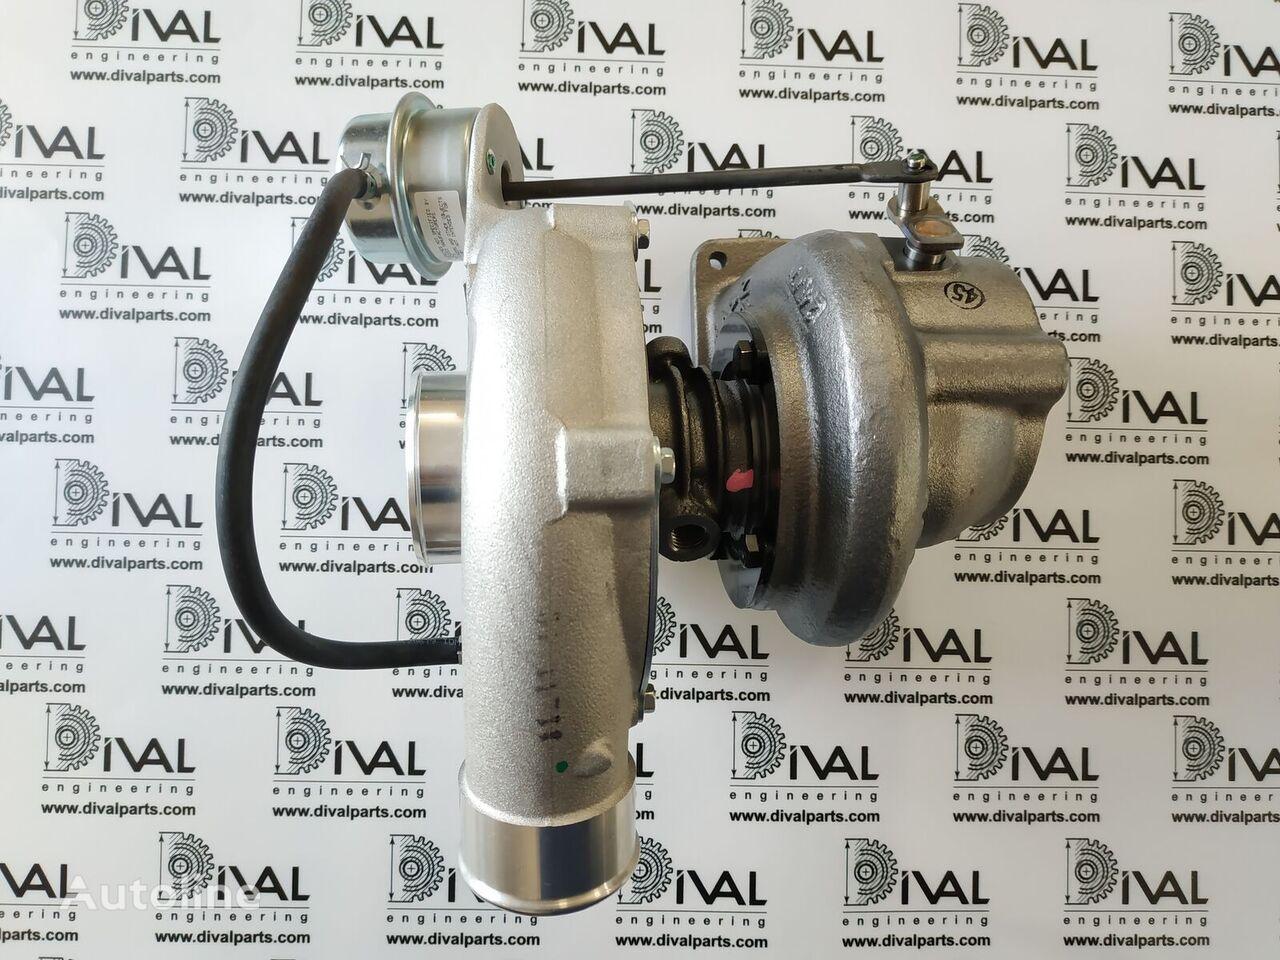 JCB Angliya turbocompresor para motor para JCB 530/70, 531/70, 540/70, 541/70, 535/95, 533/105, 535/125, 540/140, 540/170, 3CX maquinaria de elevación y manutención nuevo